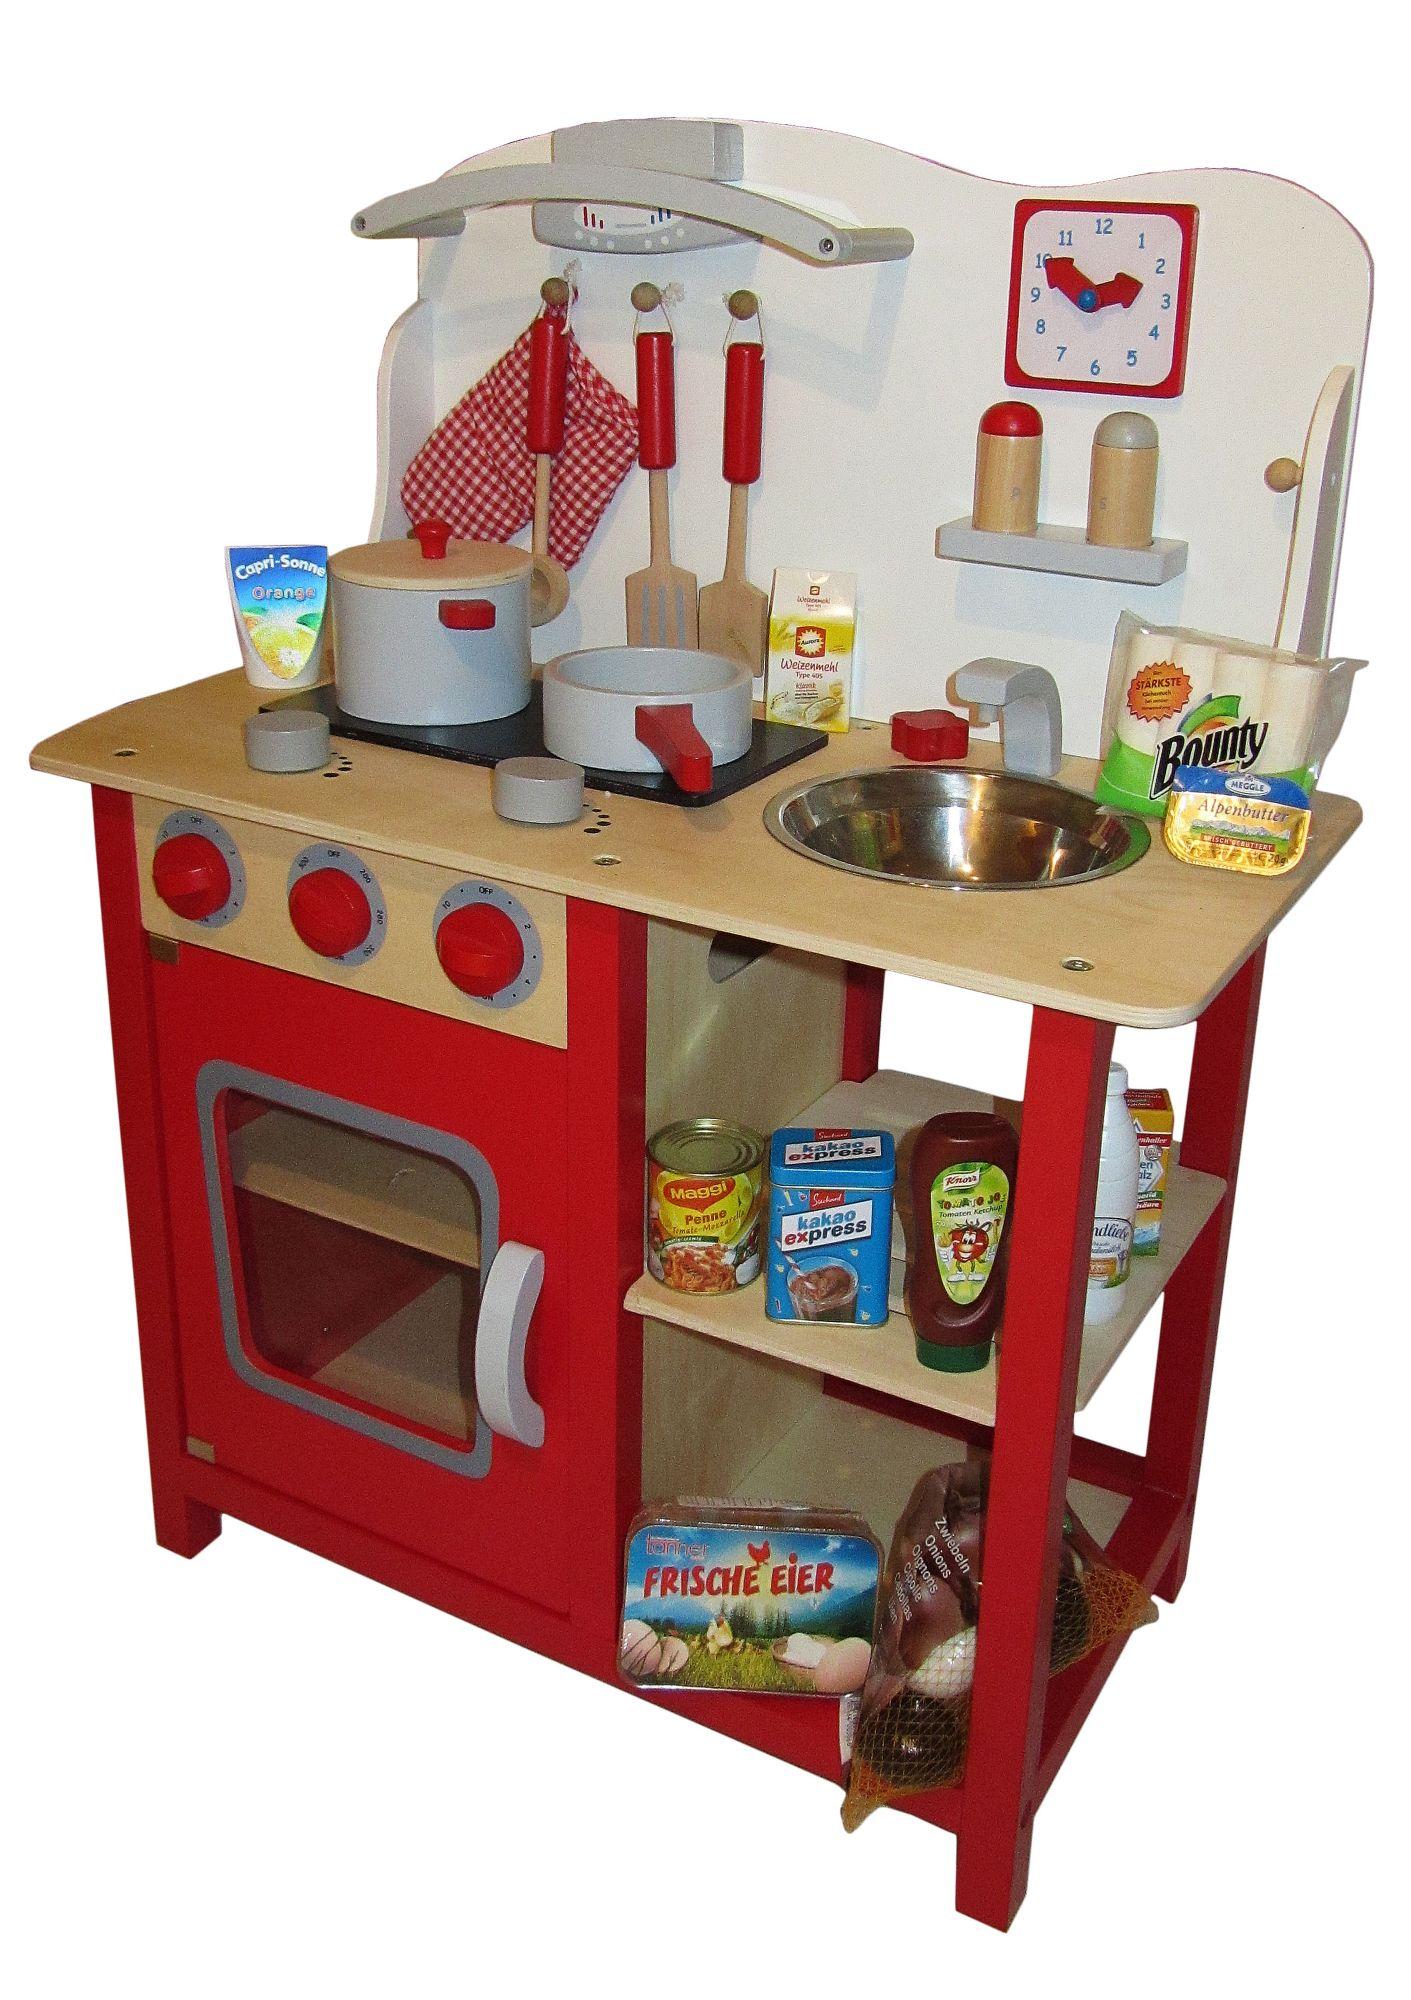 Kinderkueche spielkueche gunstig online kaufen beim schwab for Kinderküche günstig